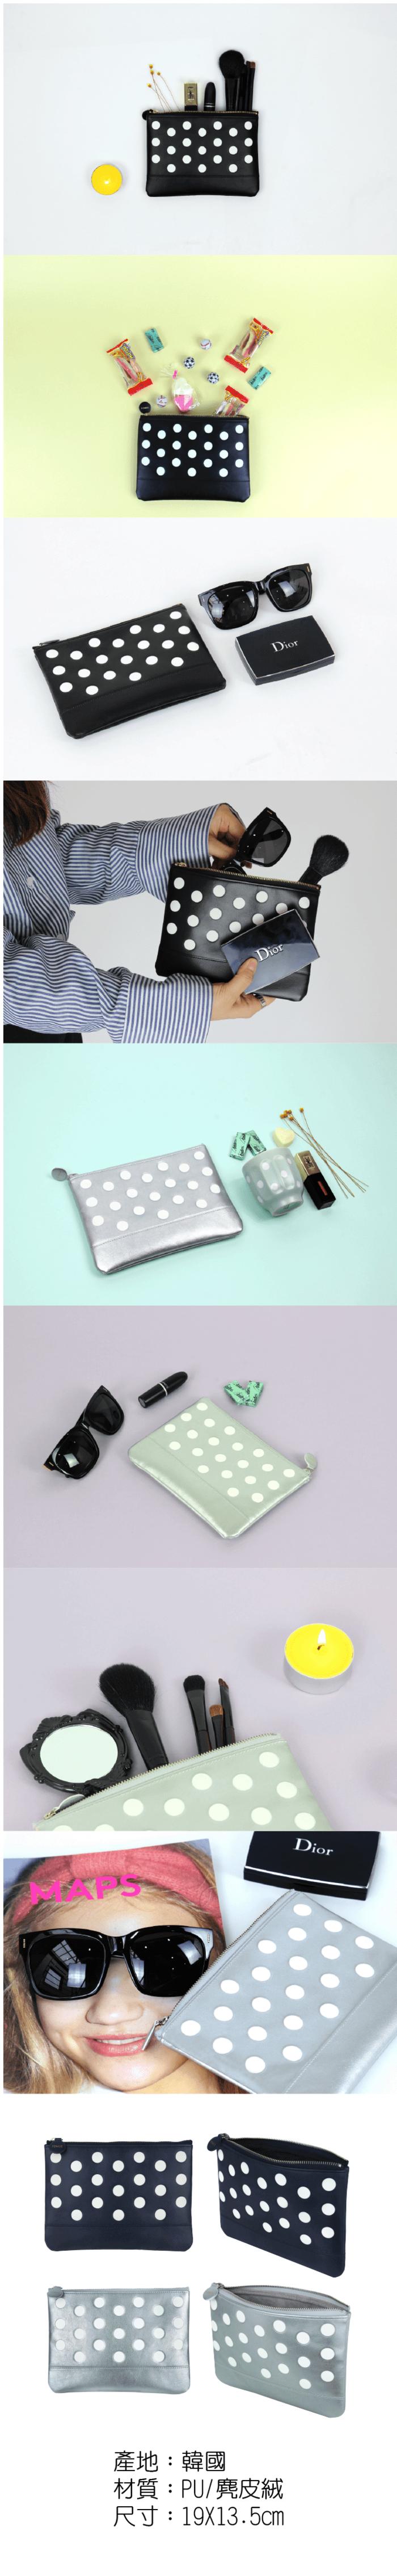 (複製)FENICE|透明視窗行李吊牌(灰+蒂芬妮綠)